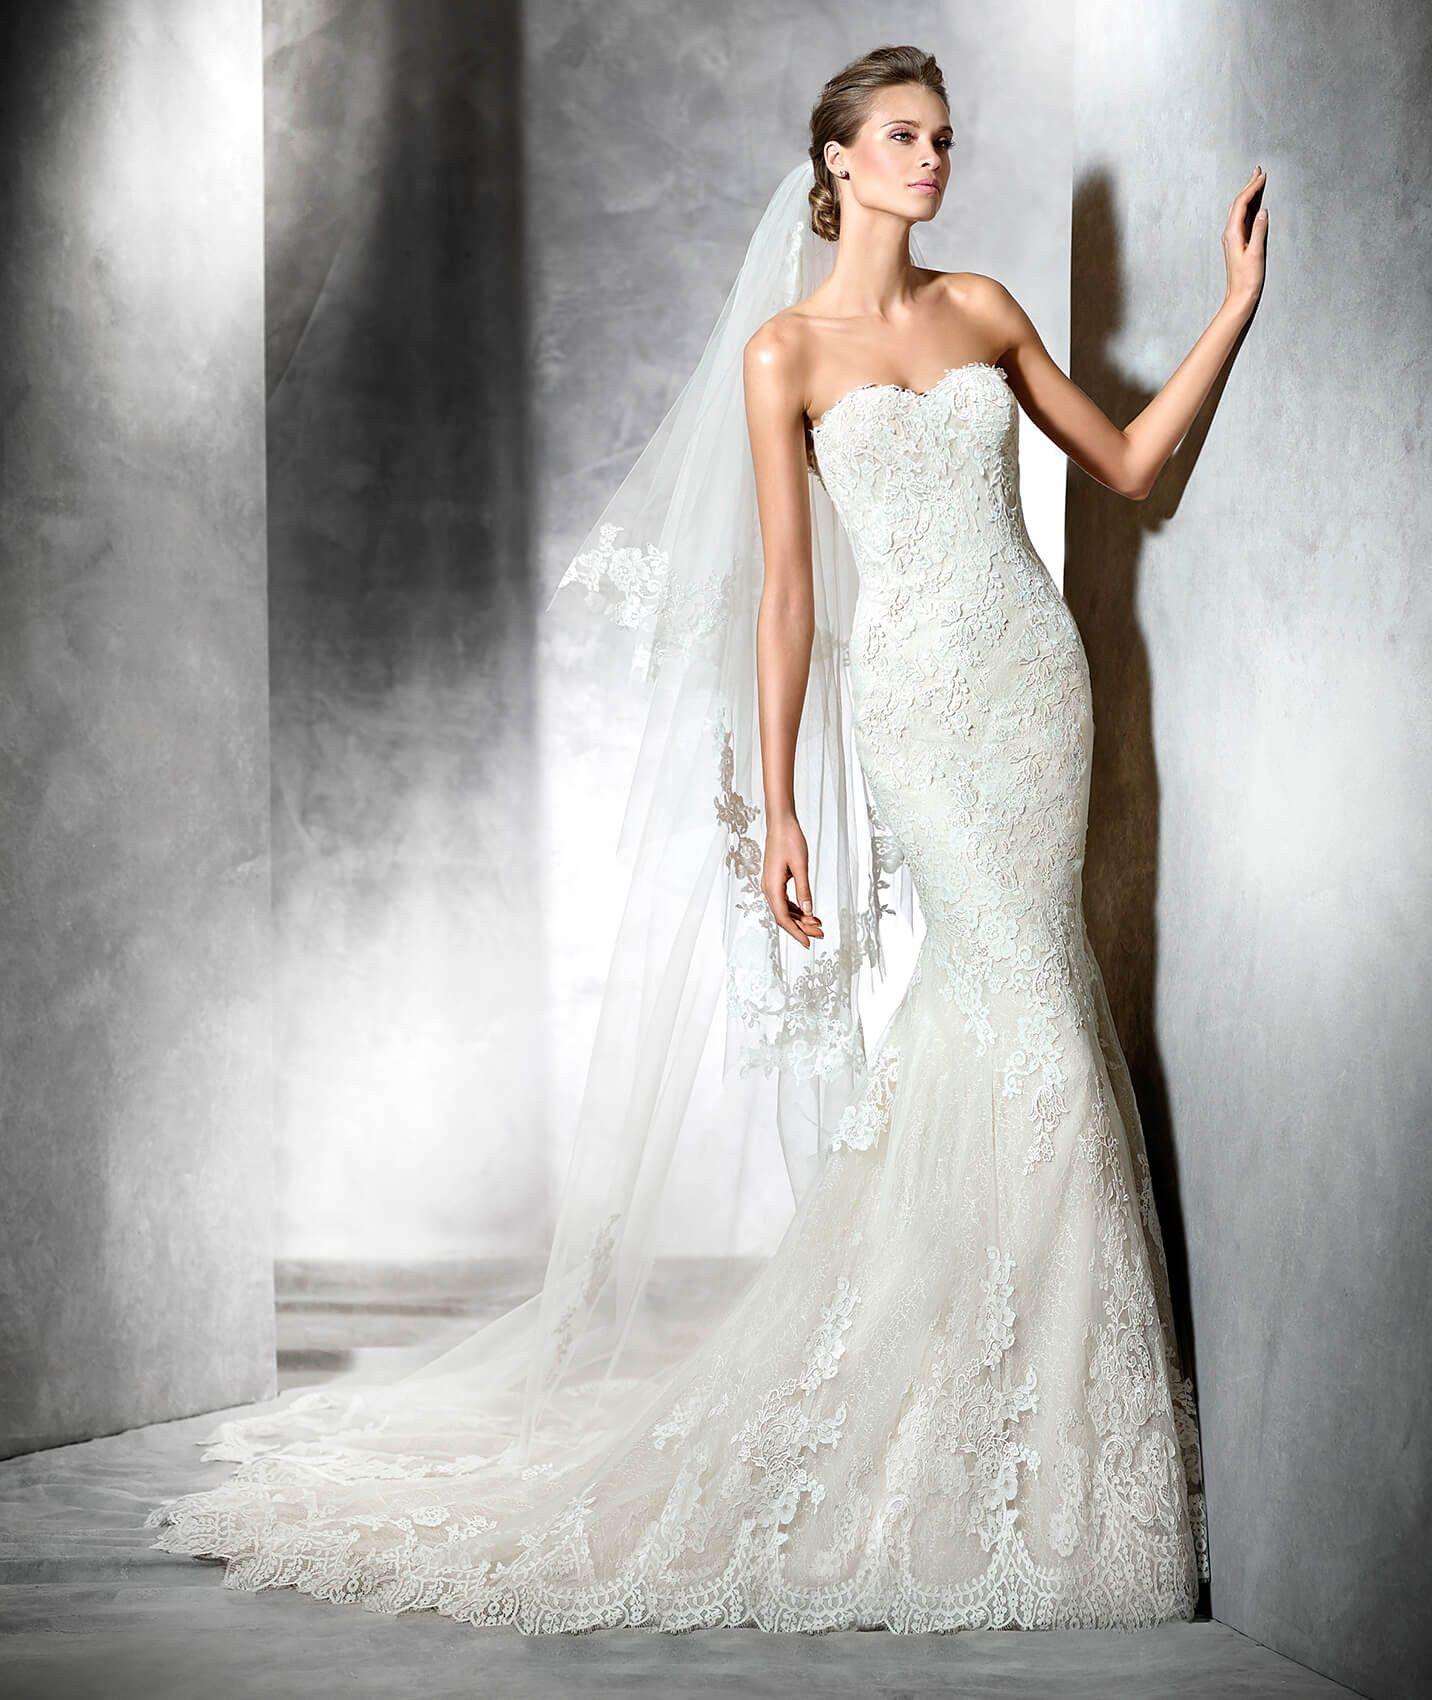 PRINCIA - Brautkleid aus Tüll im Meerjungfrau-Stil | Married ...